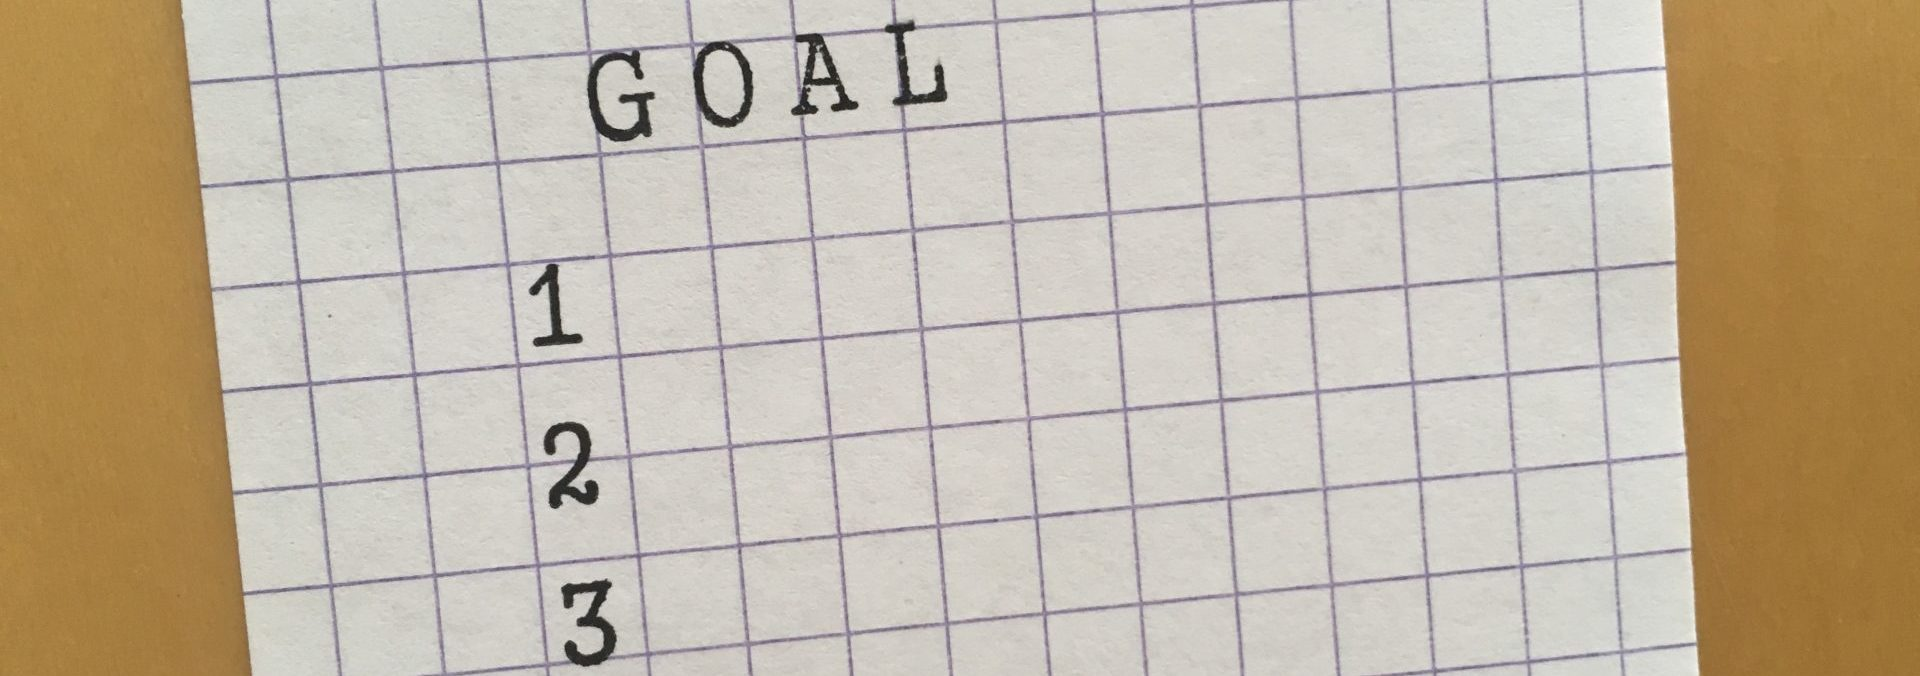 4つの目標値